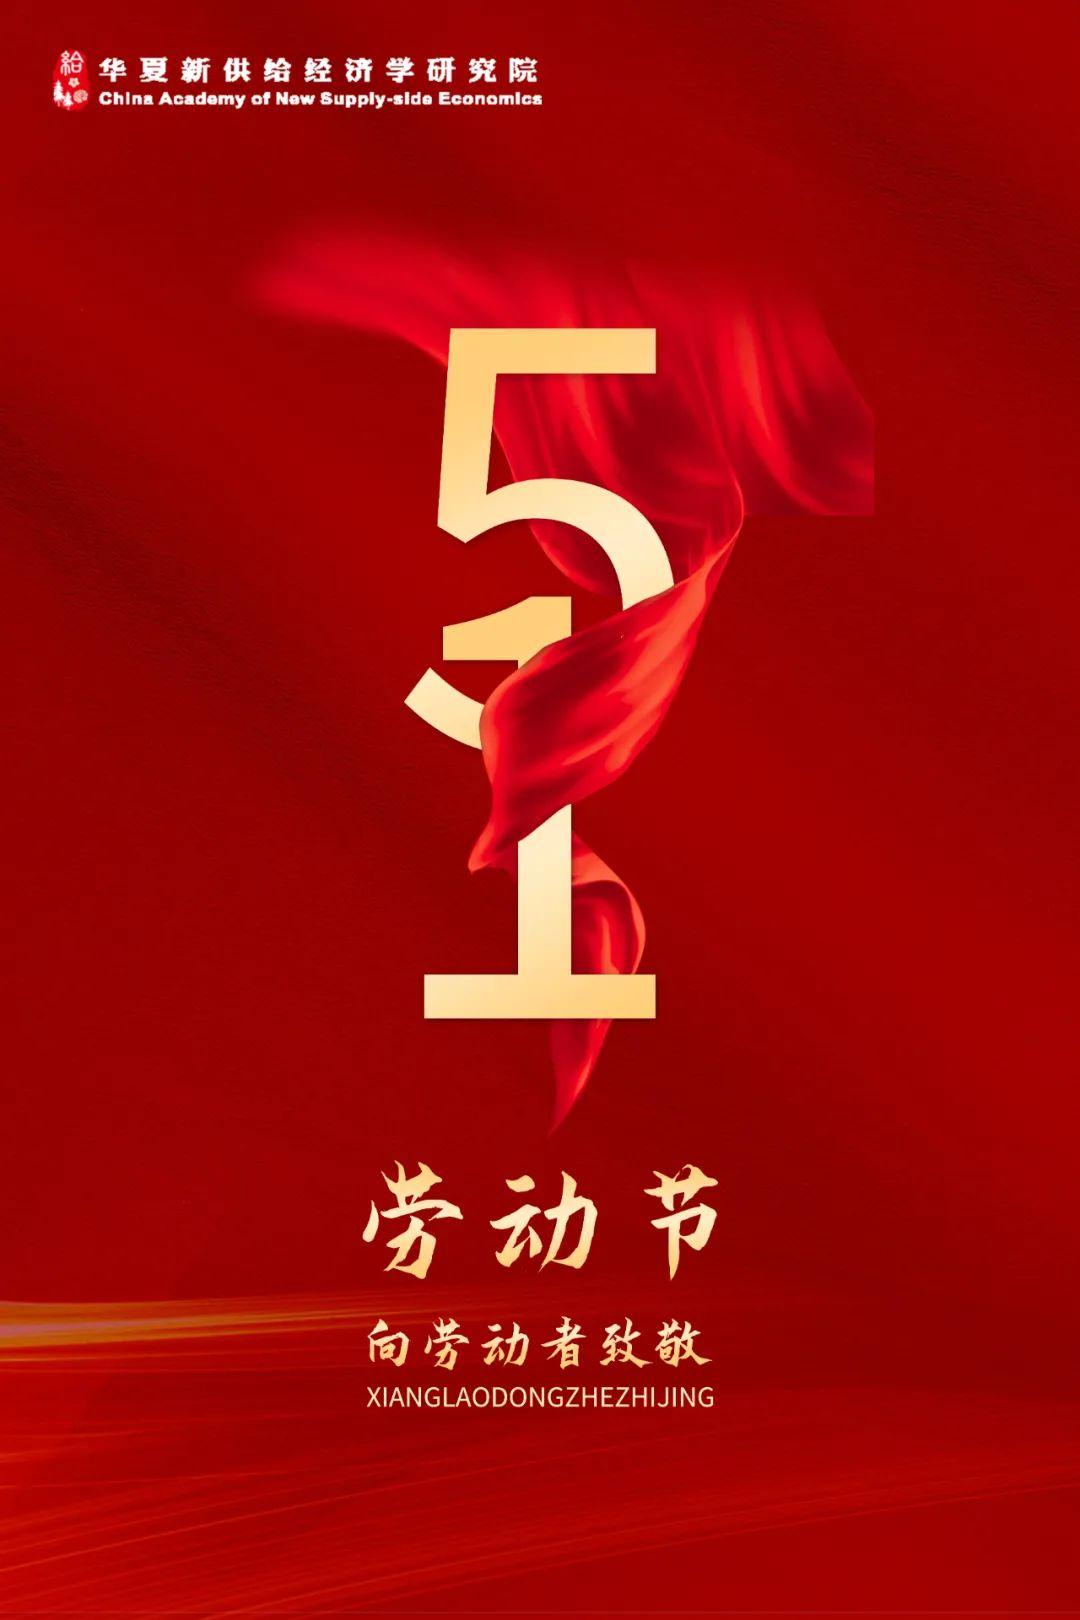 华夏新供给经济学研究院恭祝大家劳动节快乐!